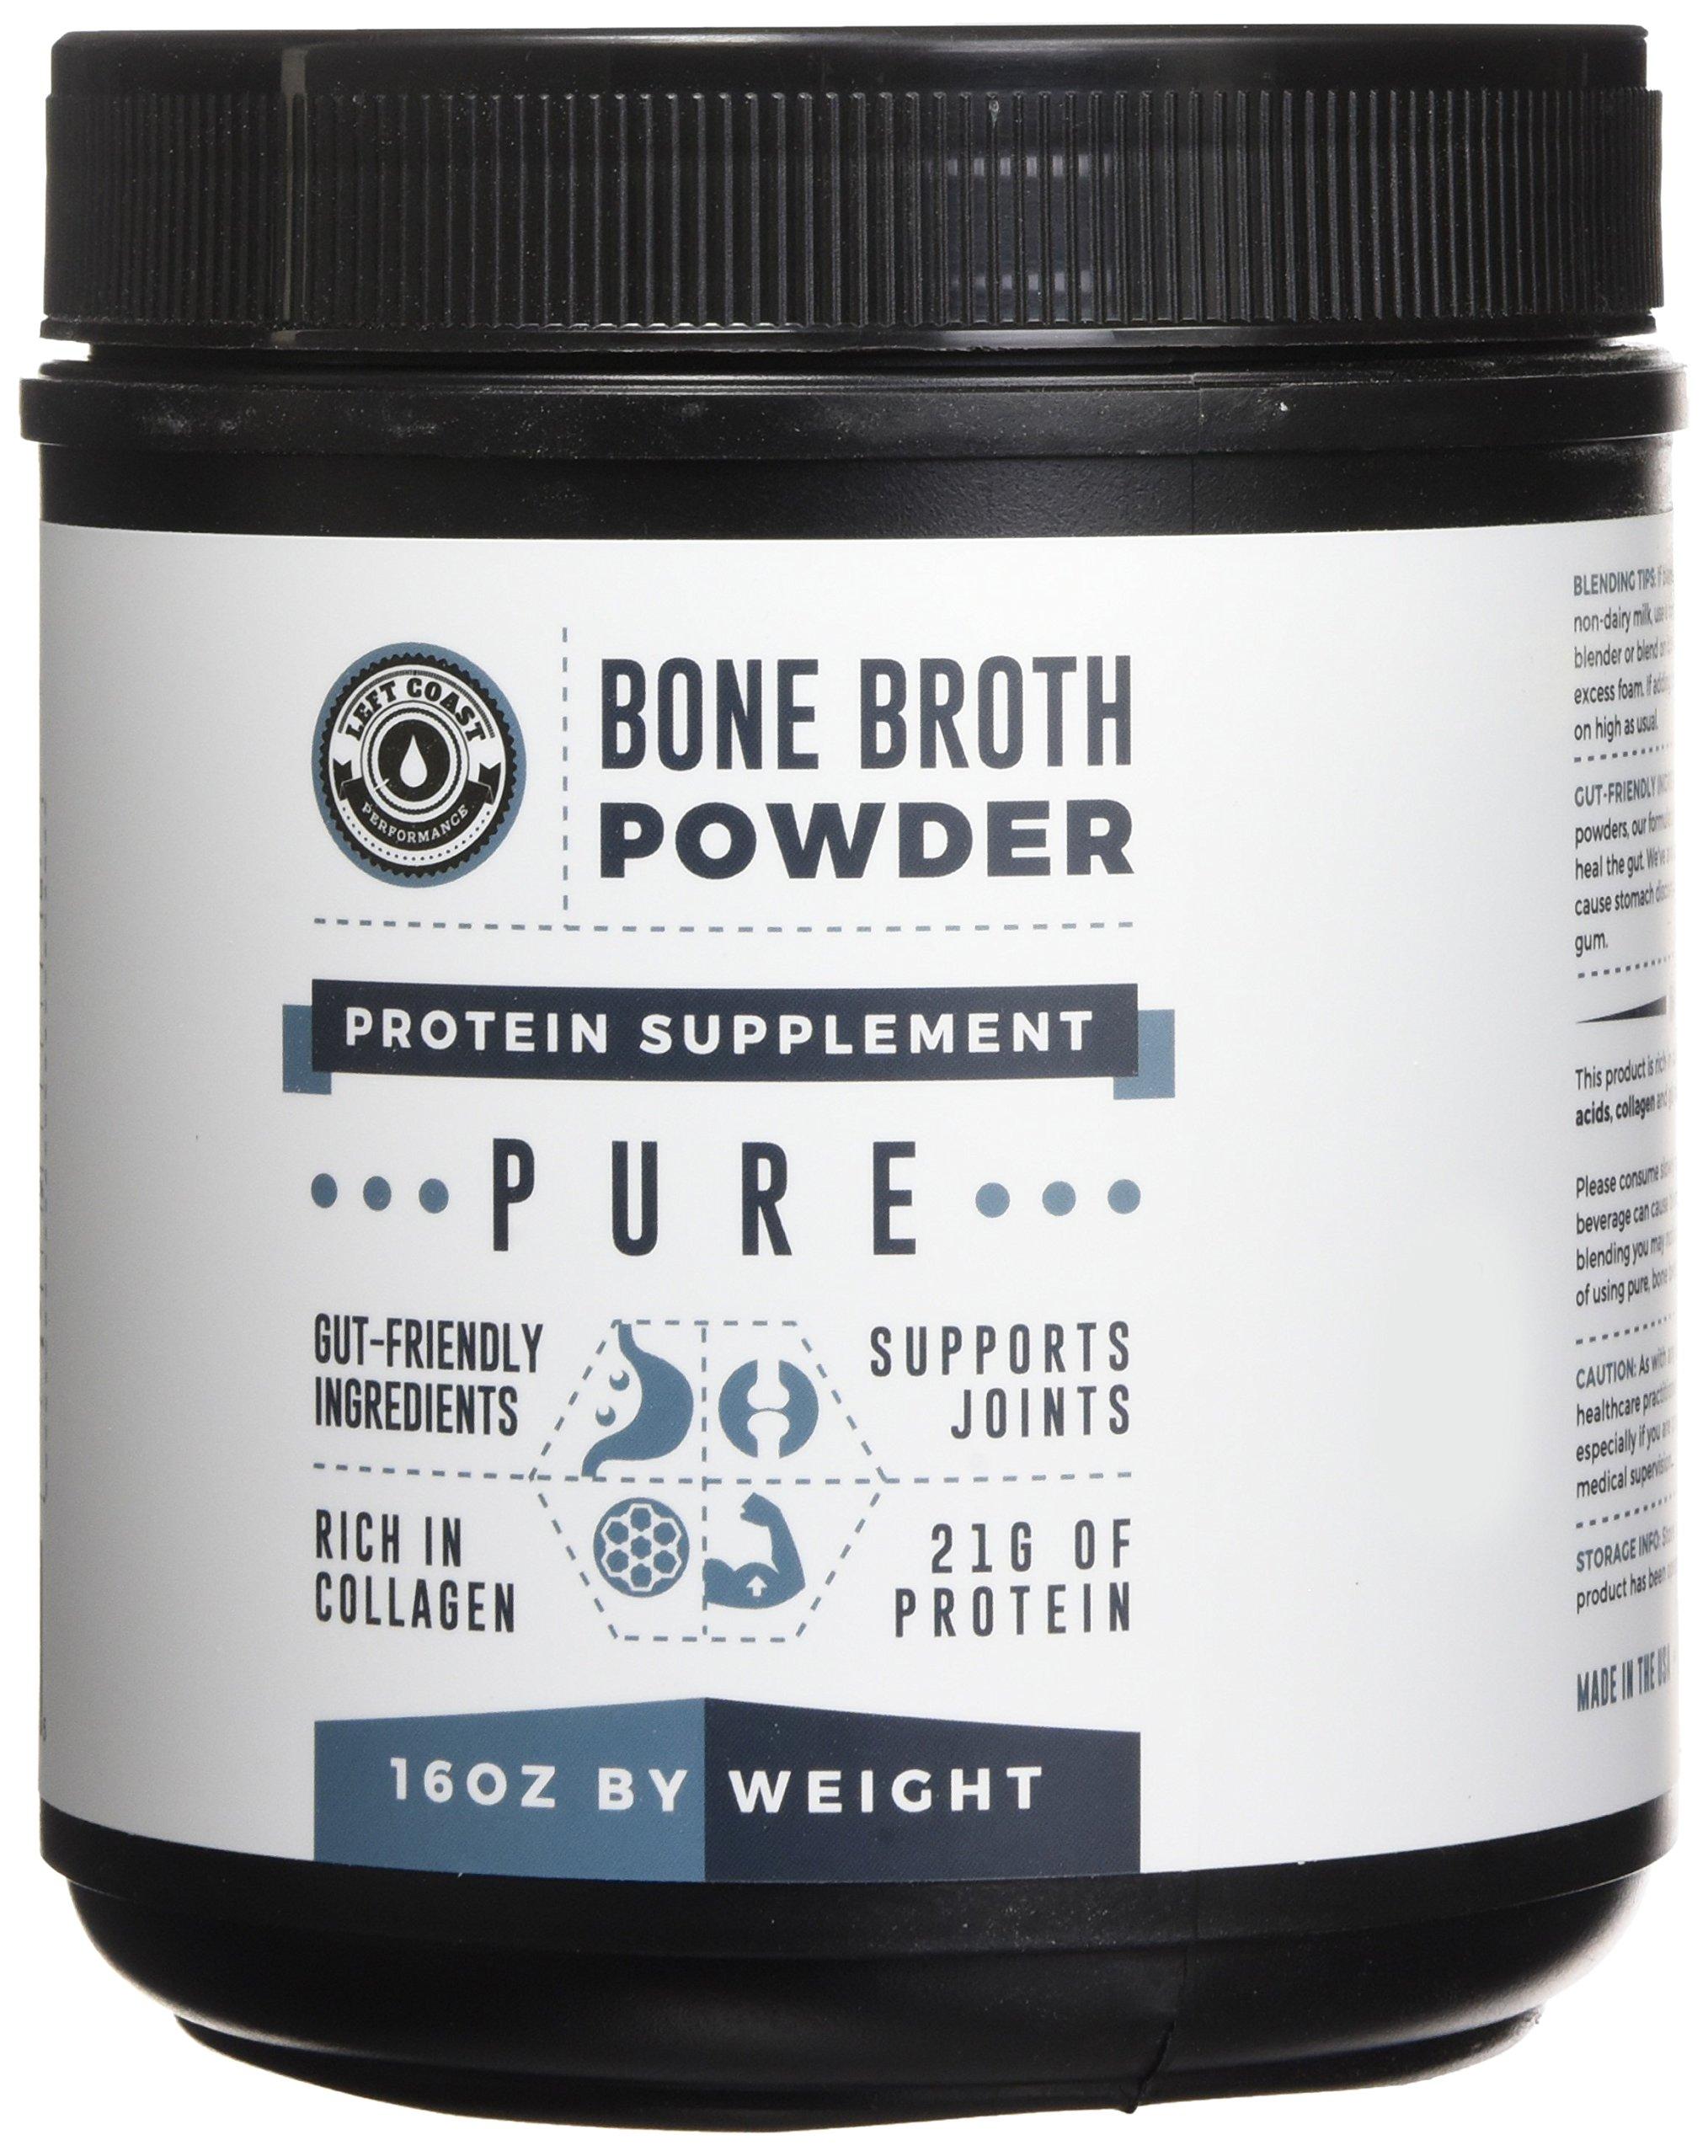 Bone Broth Protein Powder Pure 16oz, 100% Grass Fed Beef - Unflavored, Paleo Friendly, Gut-Friendly, Non-GMO, Dairy-Free Protein Powder. Rich in Collagen, Glucosamine & Gelatin, Left Coast Performance